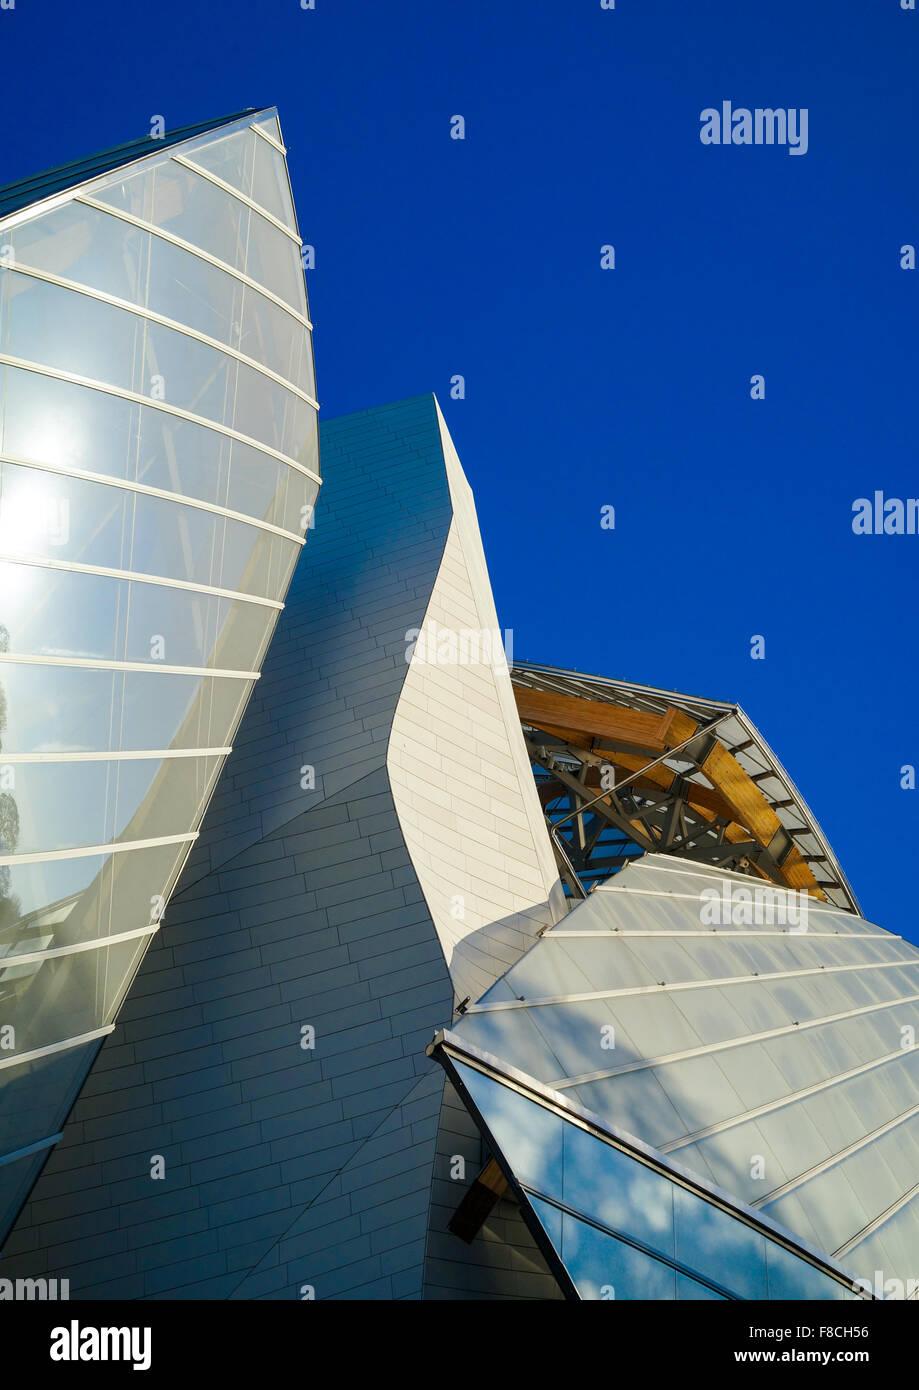 Detail Of Glass Sails Of The Louis Vuitton Foundation Museum Built By Frank Gehry, Bois De Boulogne, Paris, France - Stock Image